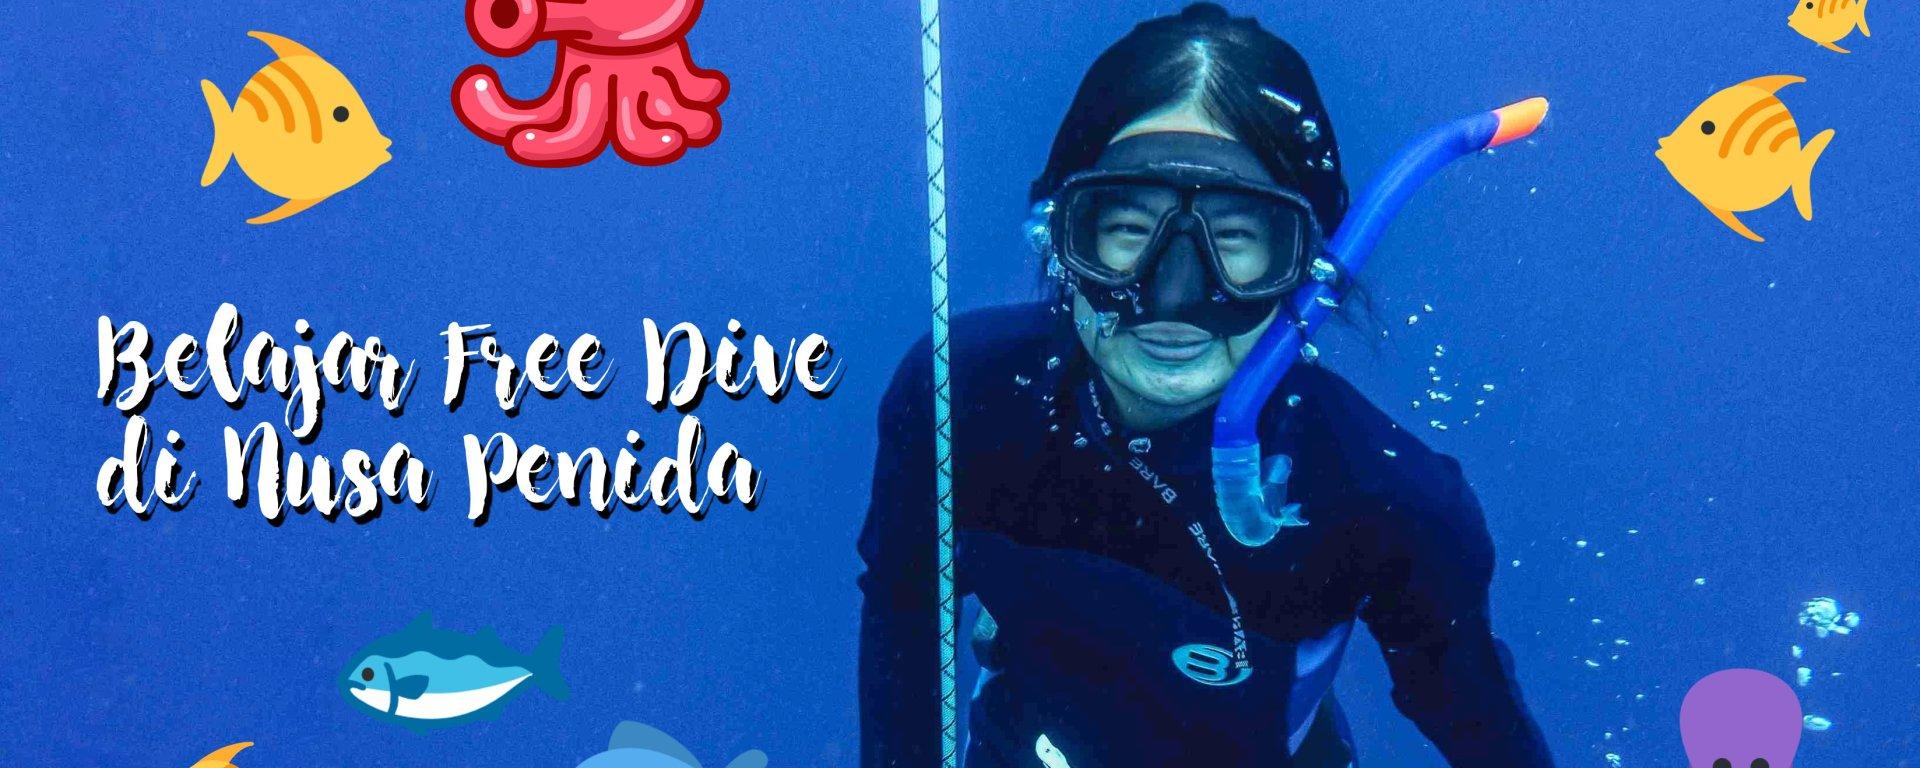 belajar freedive di nusa penida bali